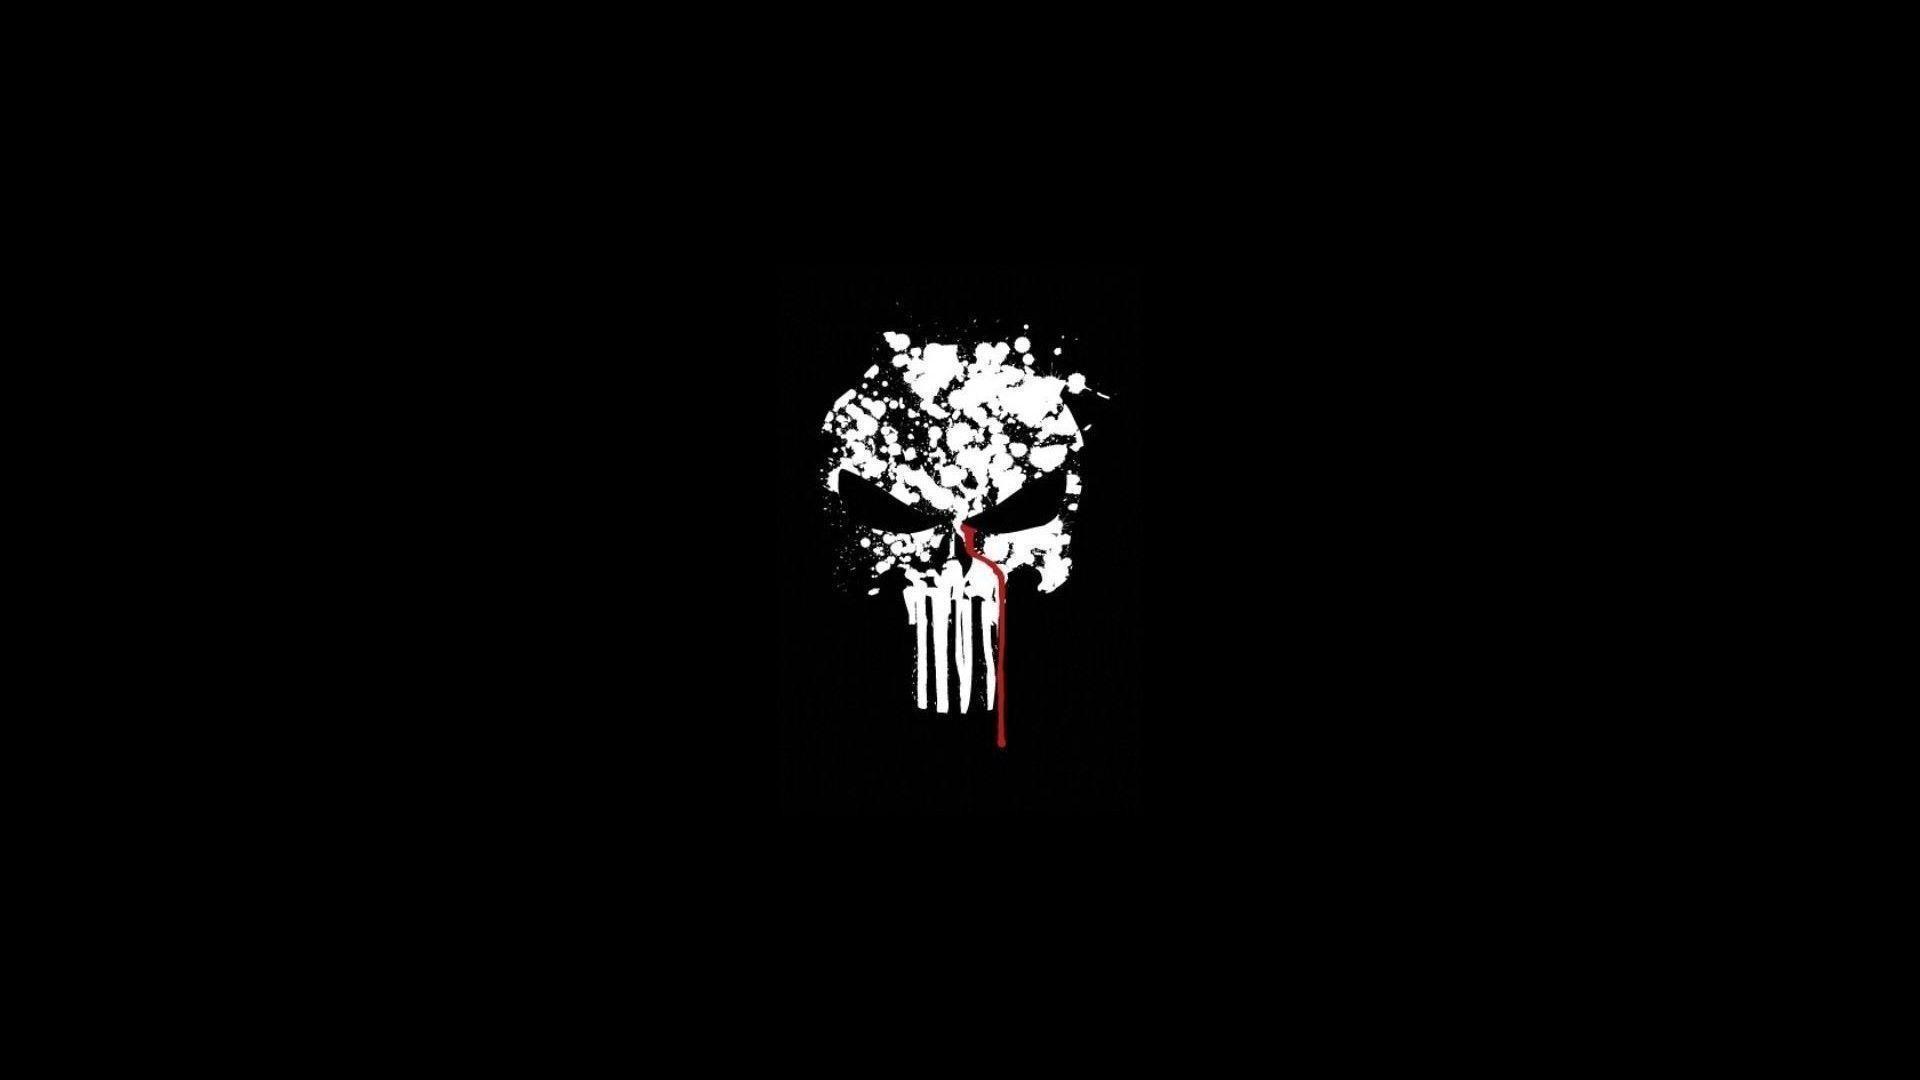 The Punisher Skull, Black Background – – Full HD Wallpaper